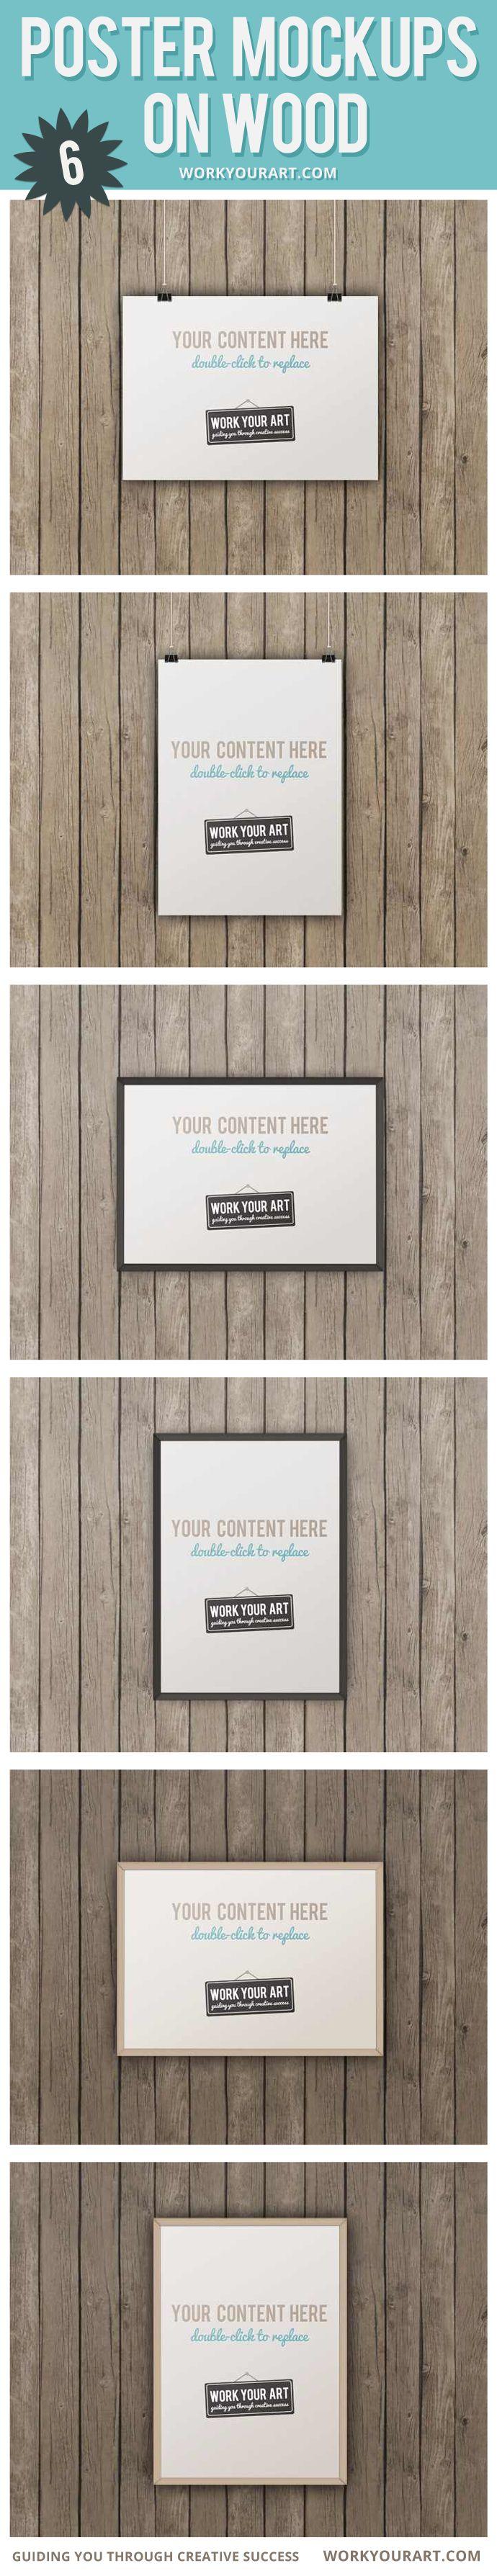 6 poster design photo mockups - 6 Poster Mockups On Wood Framed And Hanging With Clips Mockup Mockups